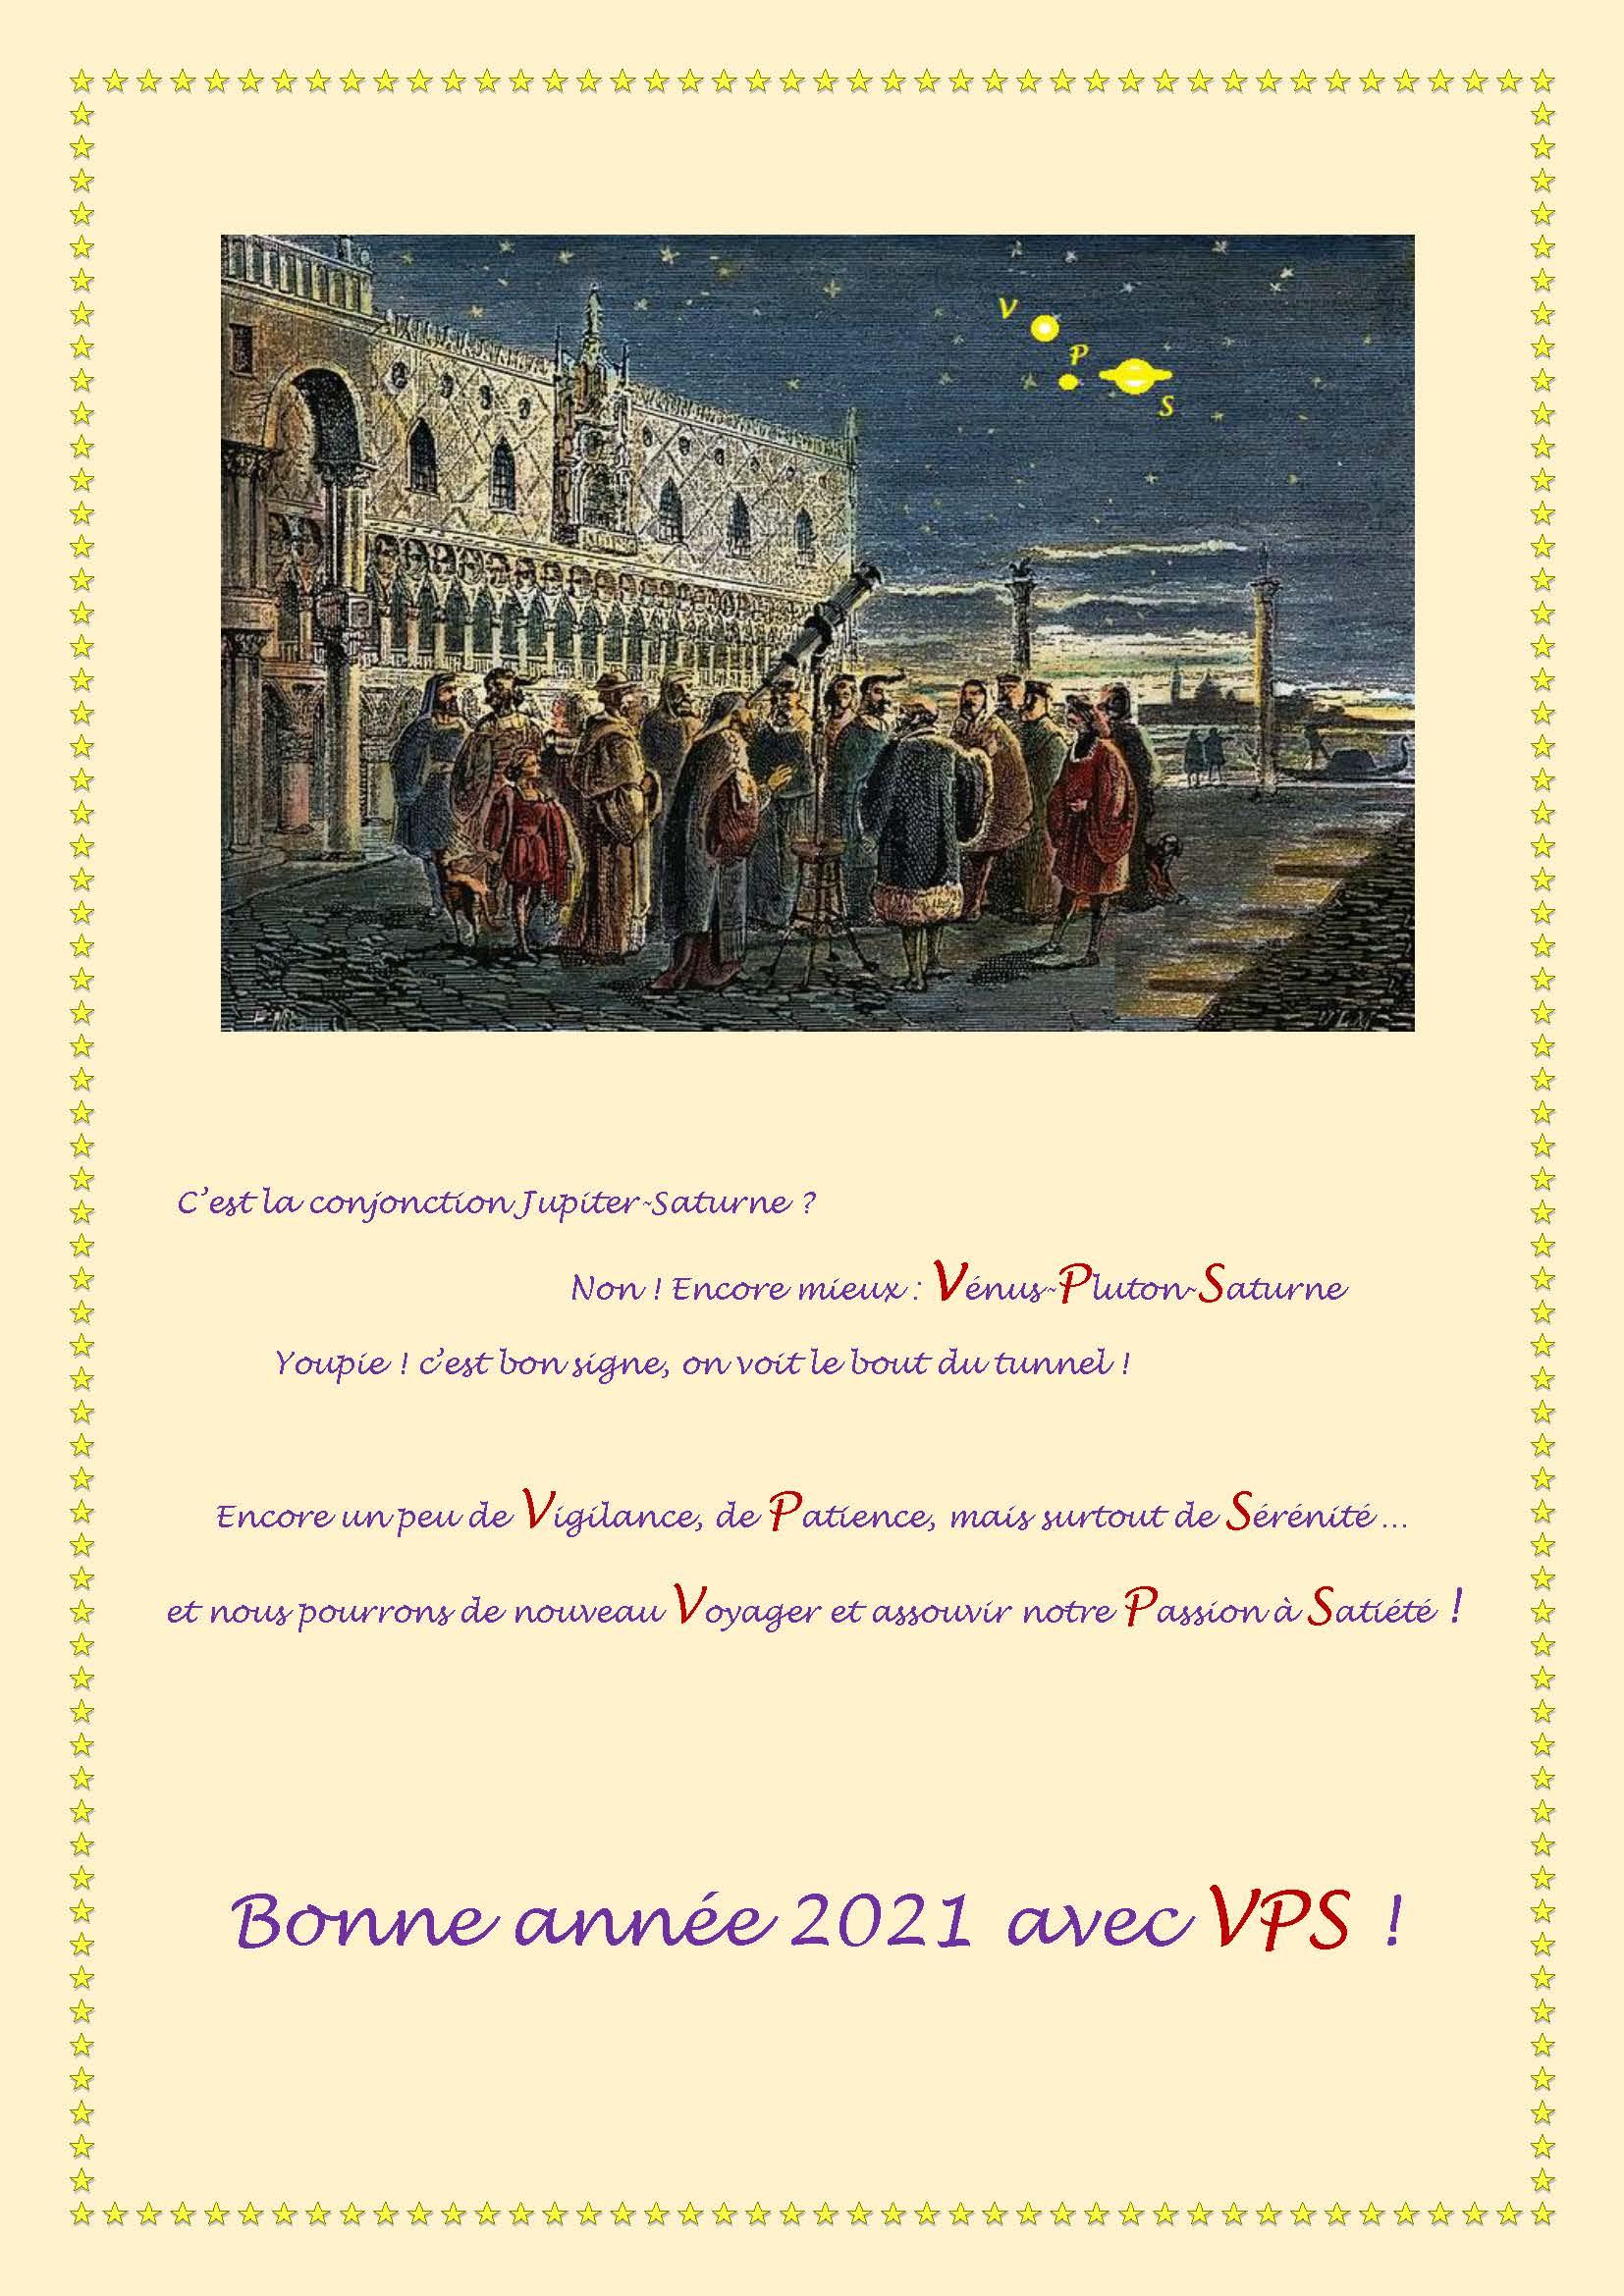 VPS 2021